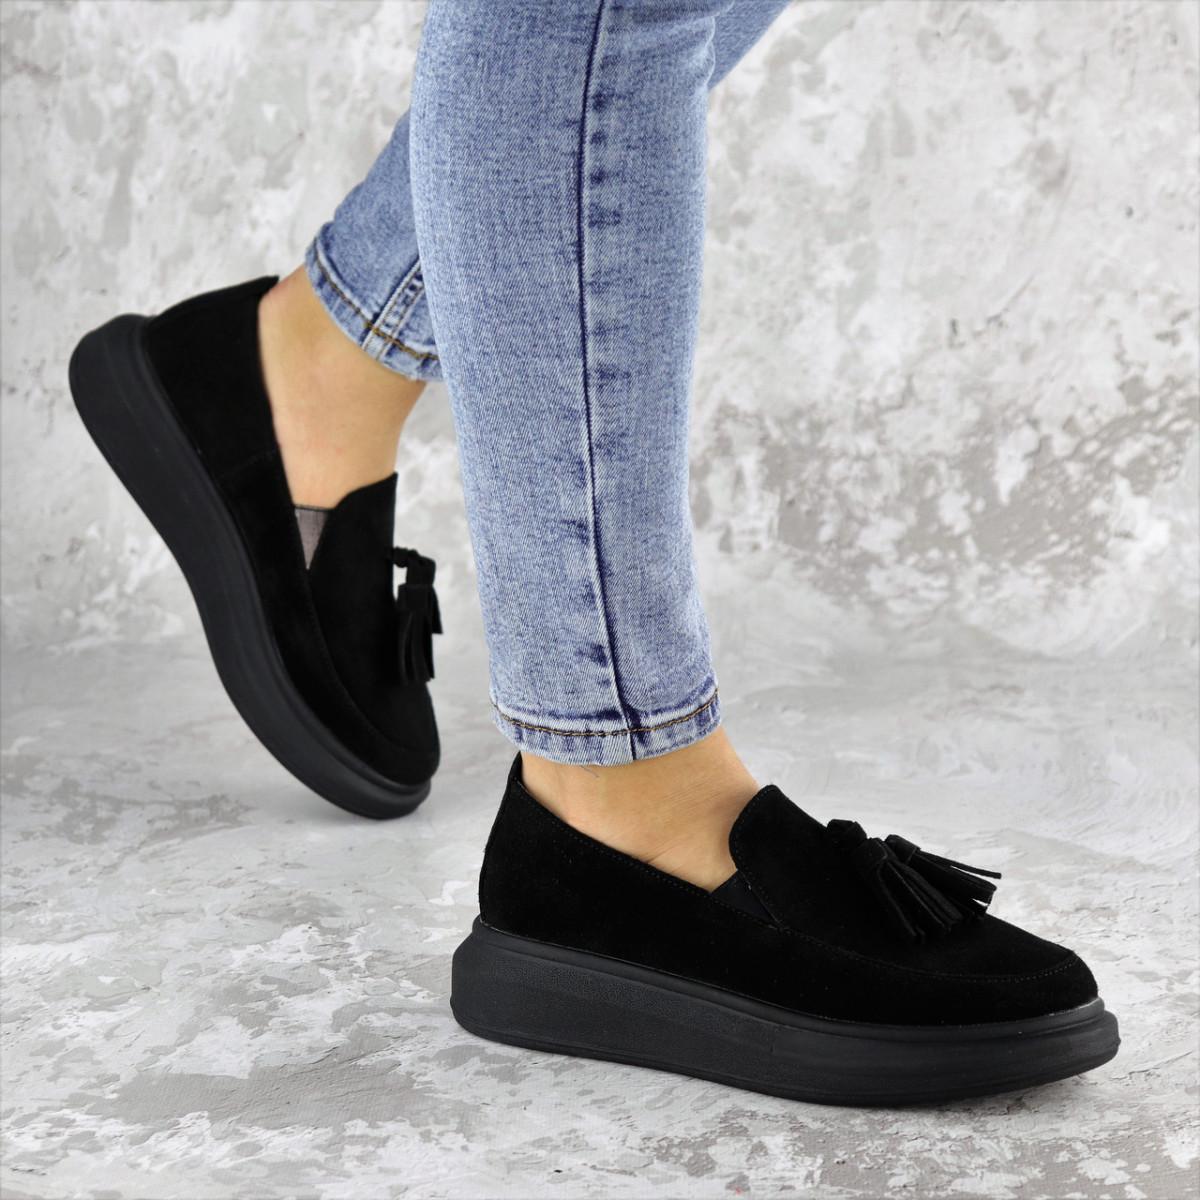 Туфли женские черные Pansy 2142 (37 размер)